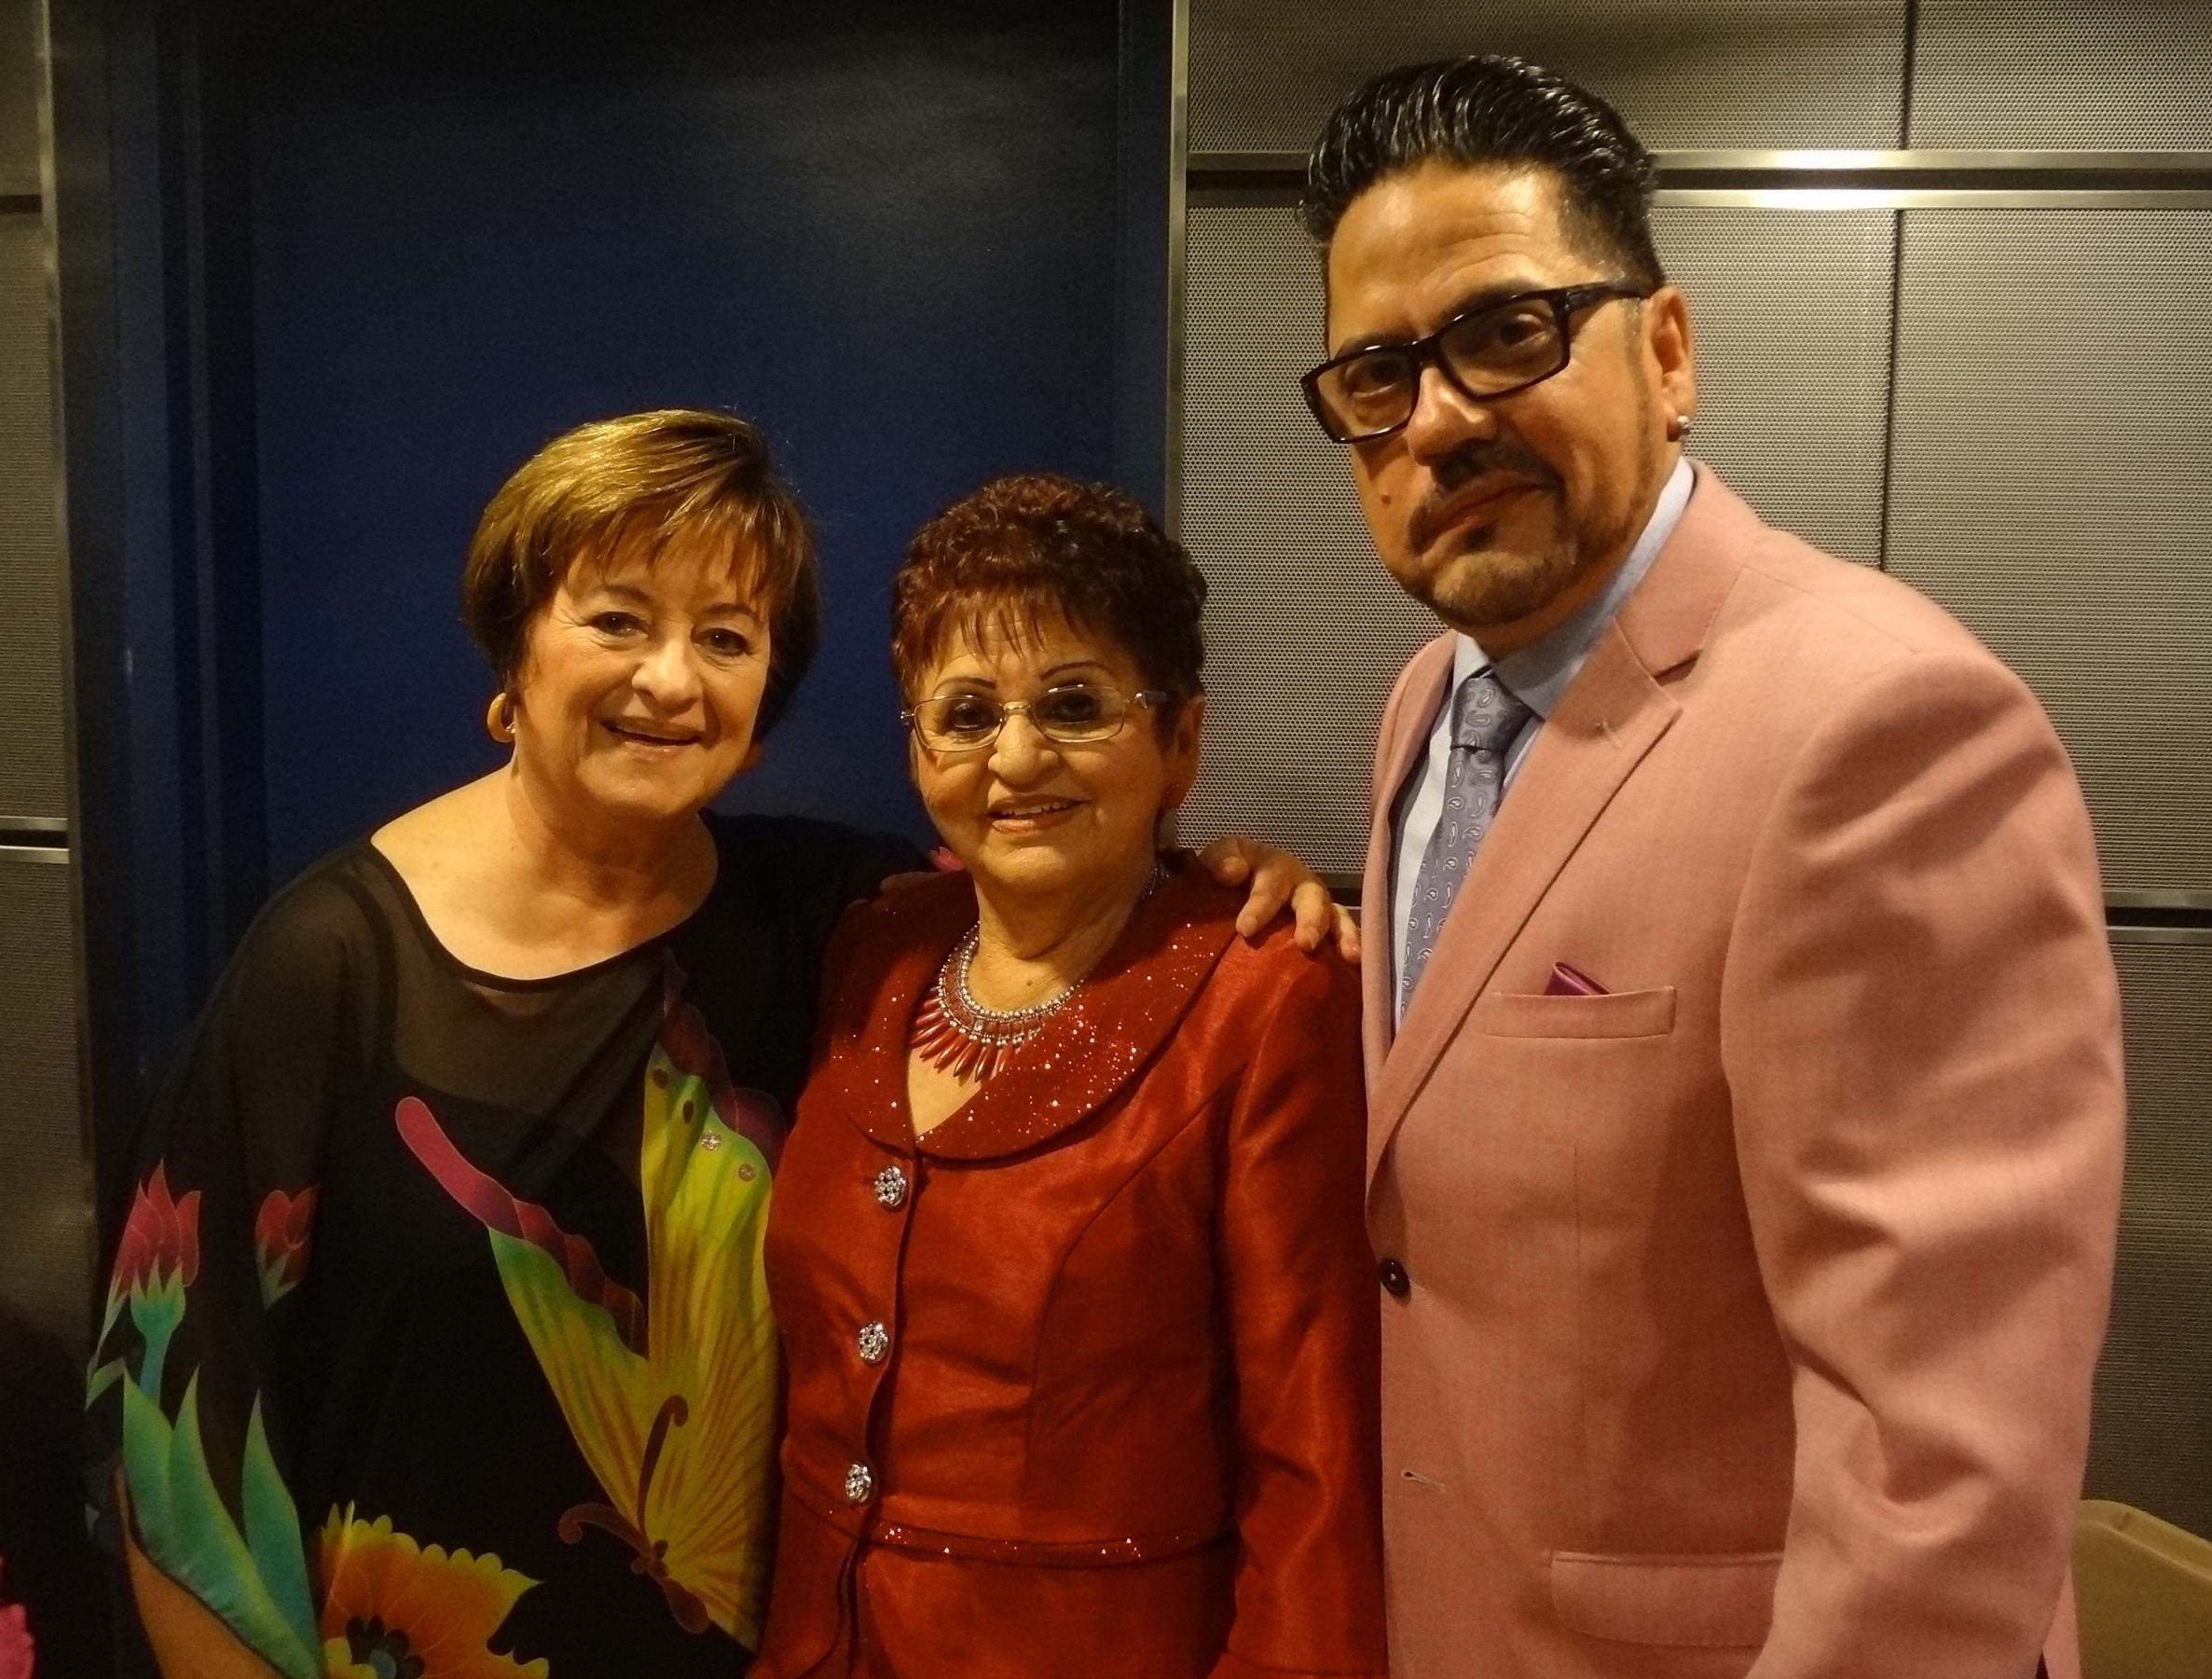 Roberto Alexander Pérez con sus dos madres, según sus palabras, Sharon Riley y Trinidad Rodríguez. (Foto Adriana Pantoja para Fundación Nacional para la Cultura Popular)